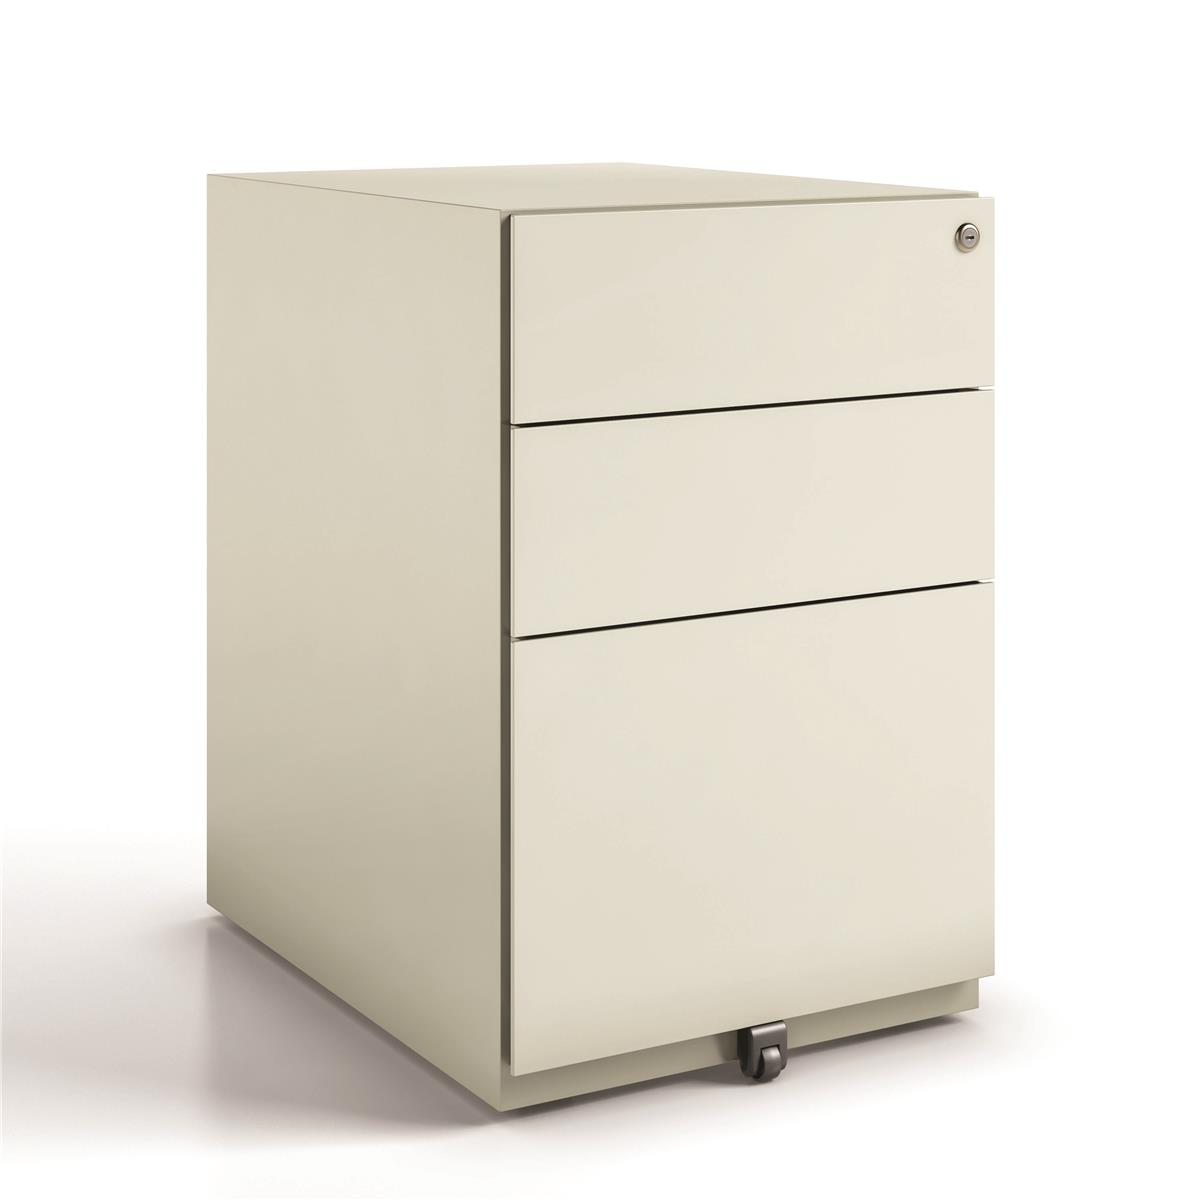 Image for Bisley Tall Mobile Pedestal Under Desk Three Drawer